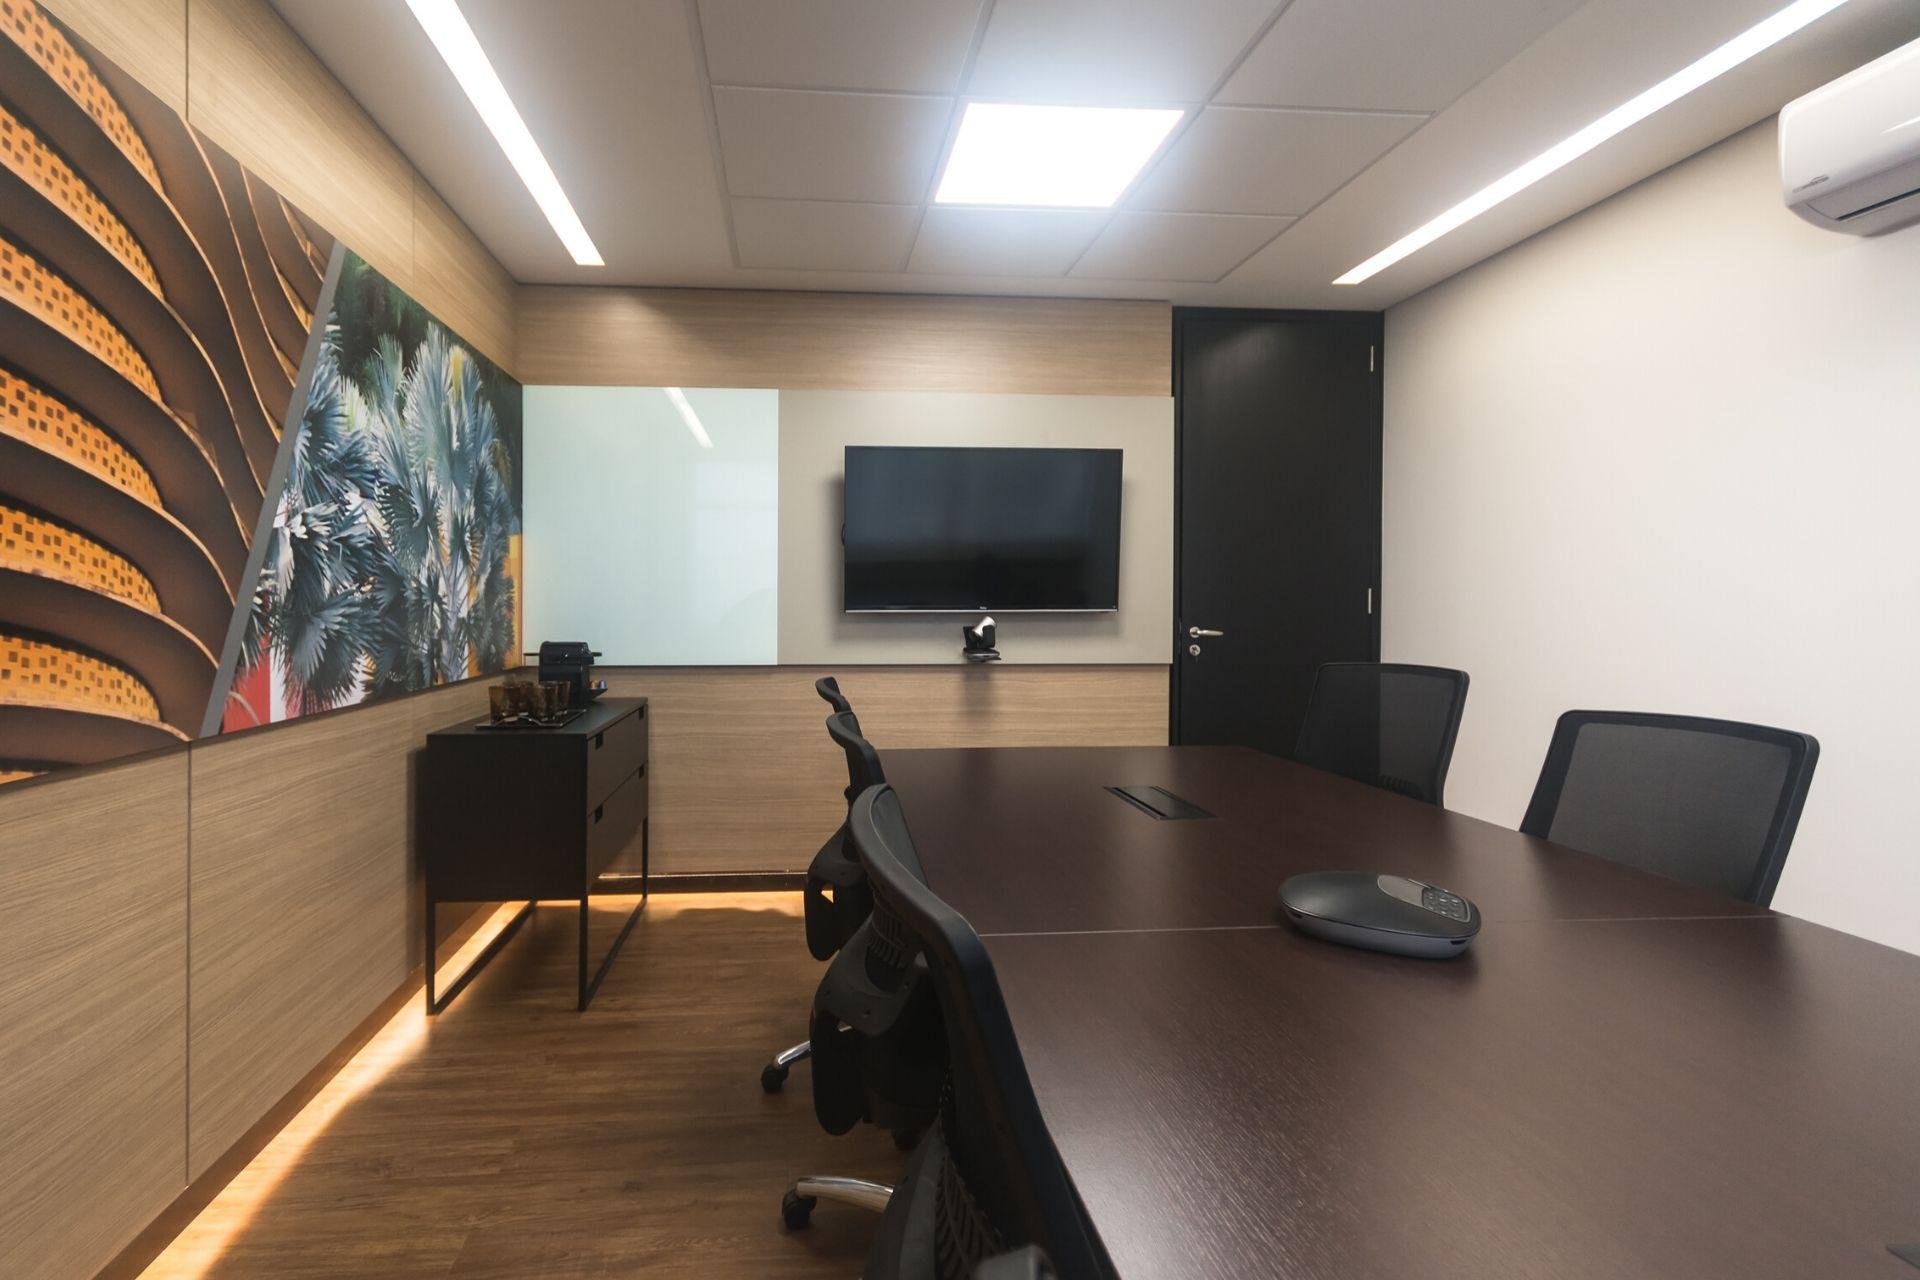 ambiente perfeito para uma sala de reunião